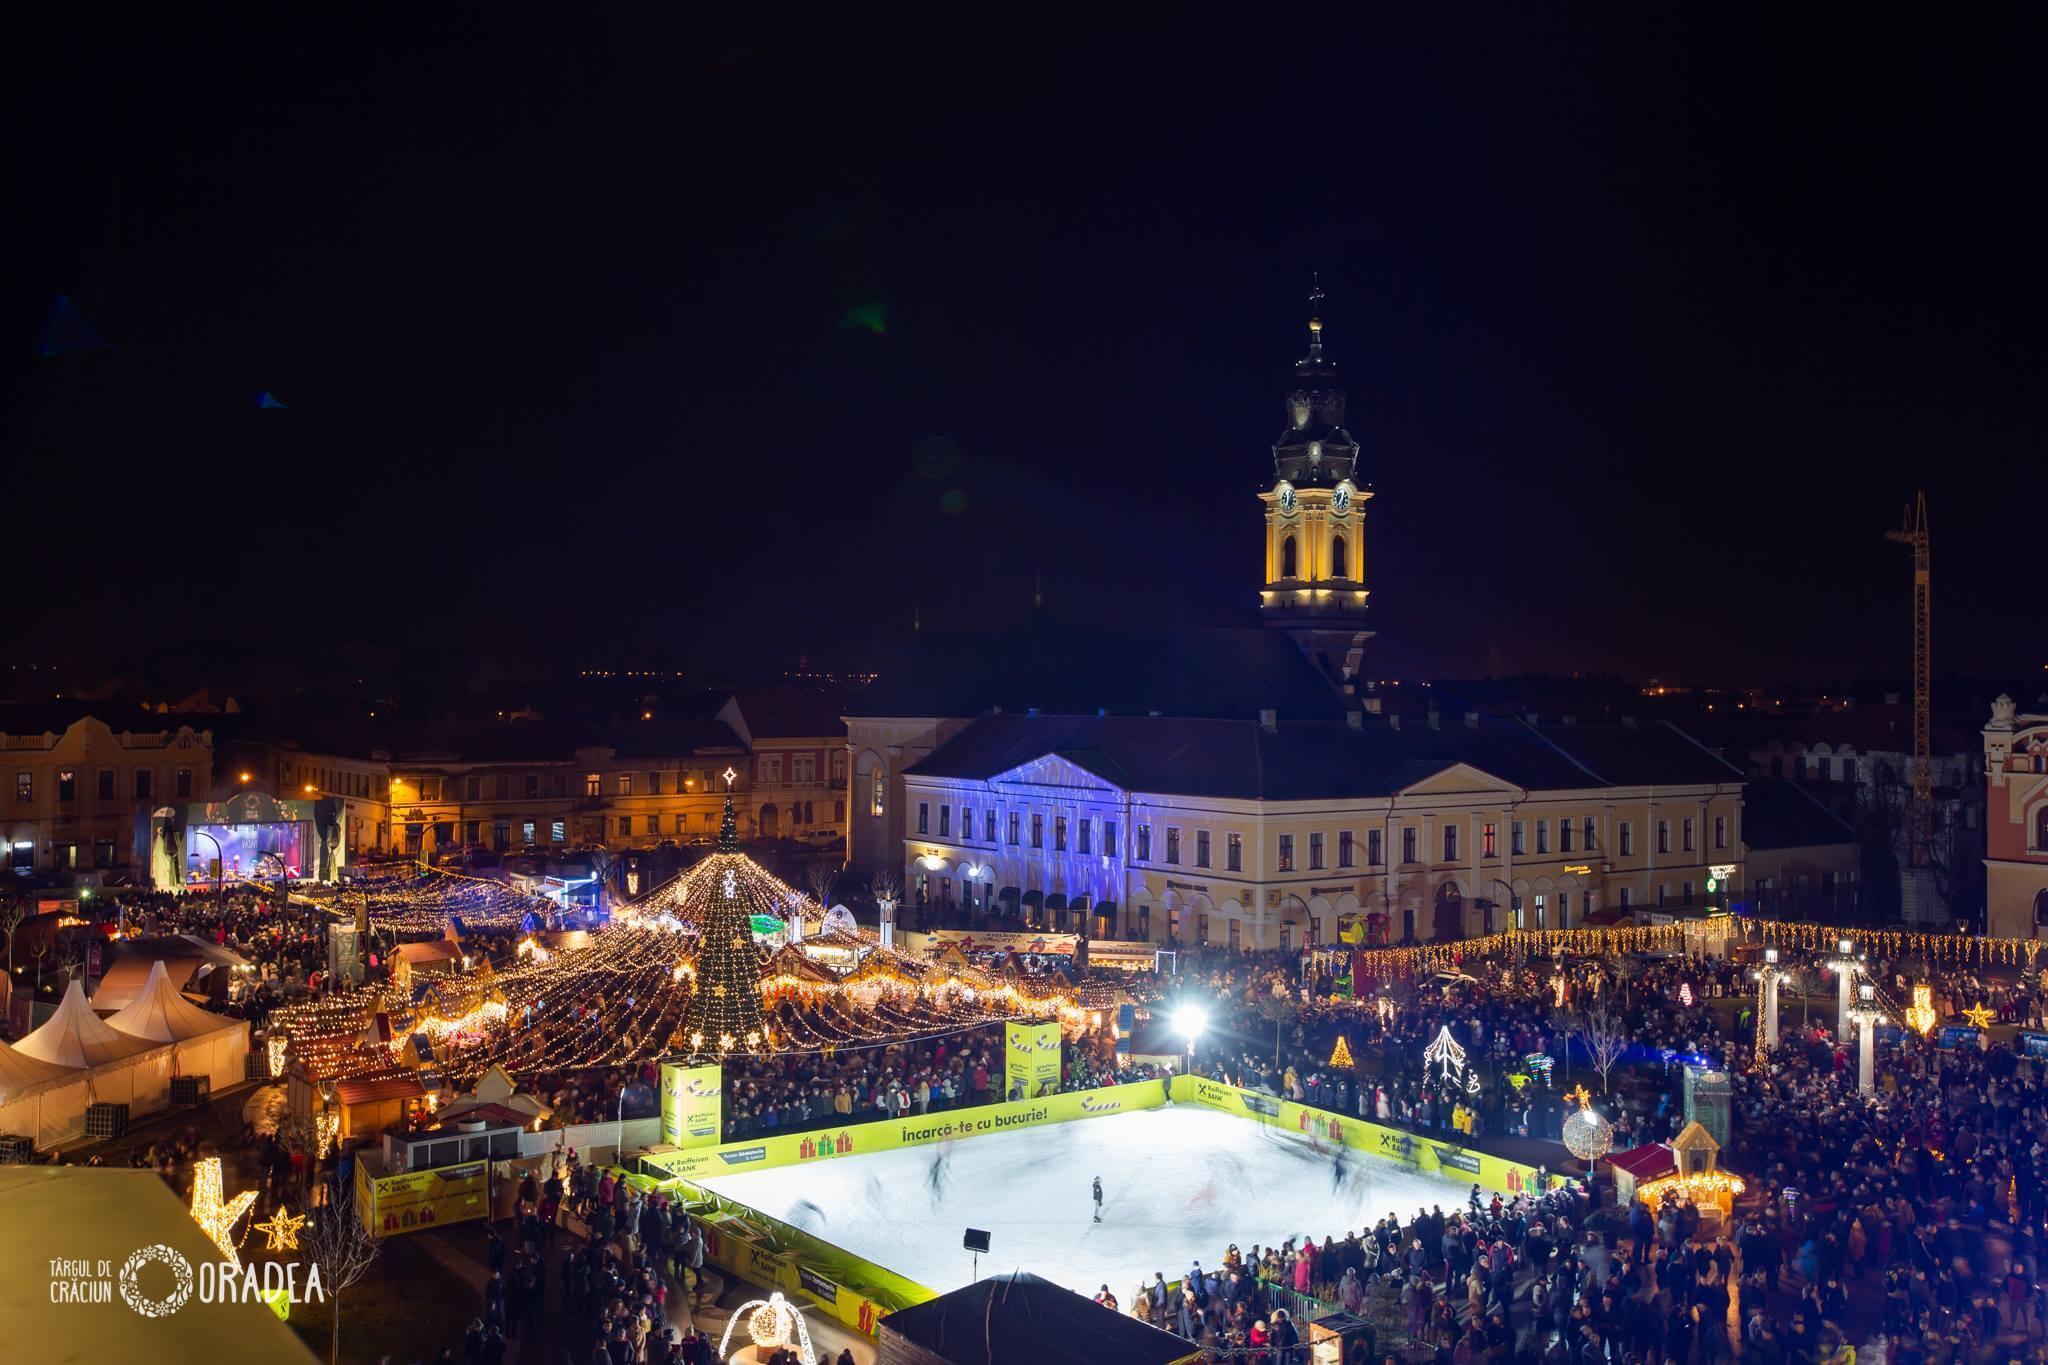 targul-de-craciun-oradea-2018-13